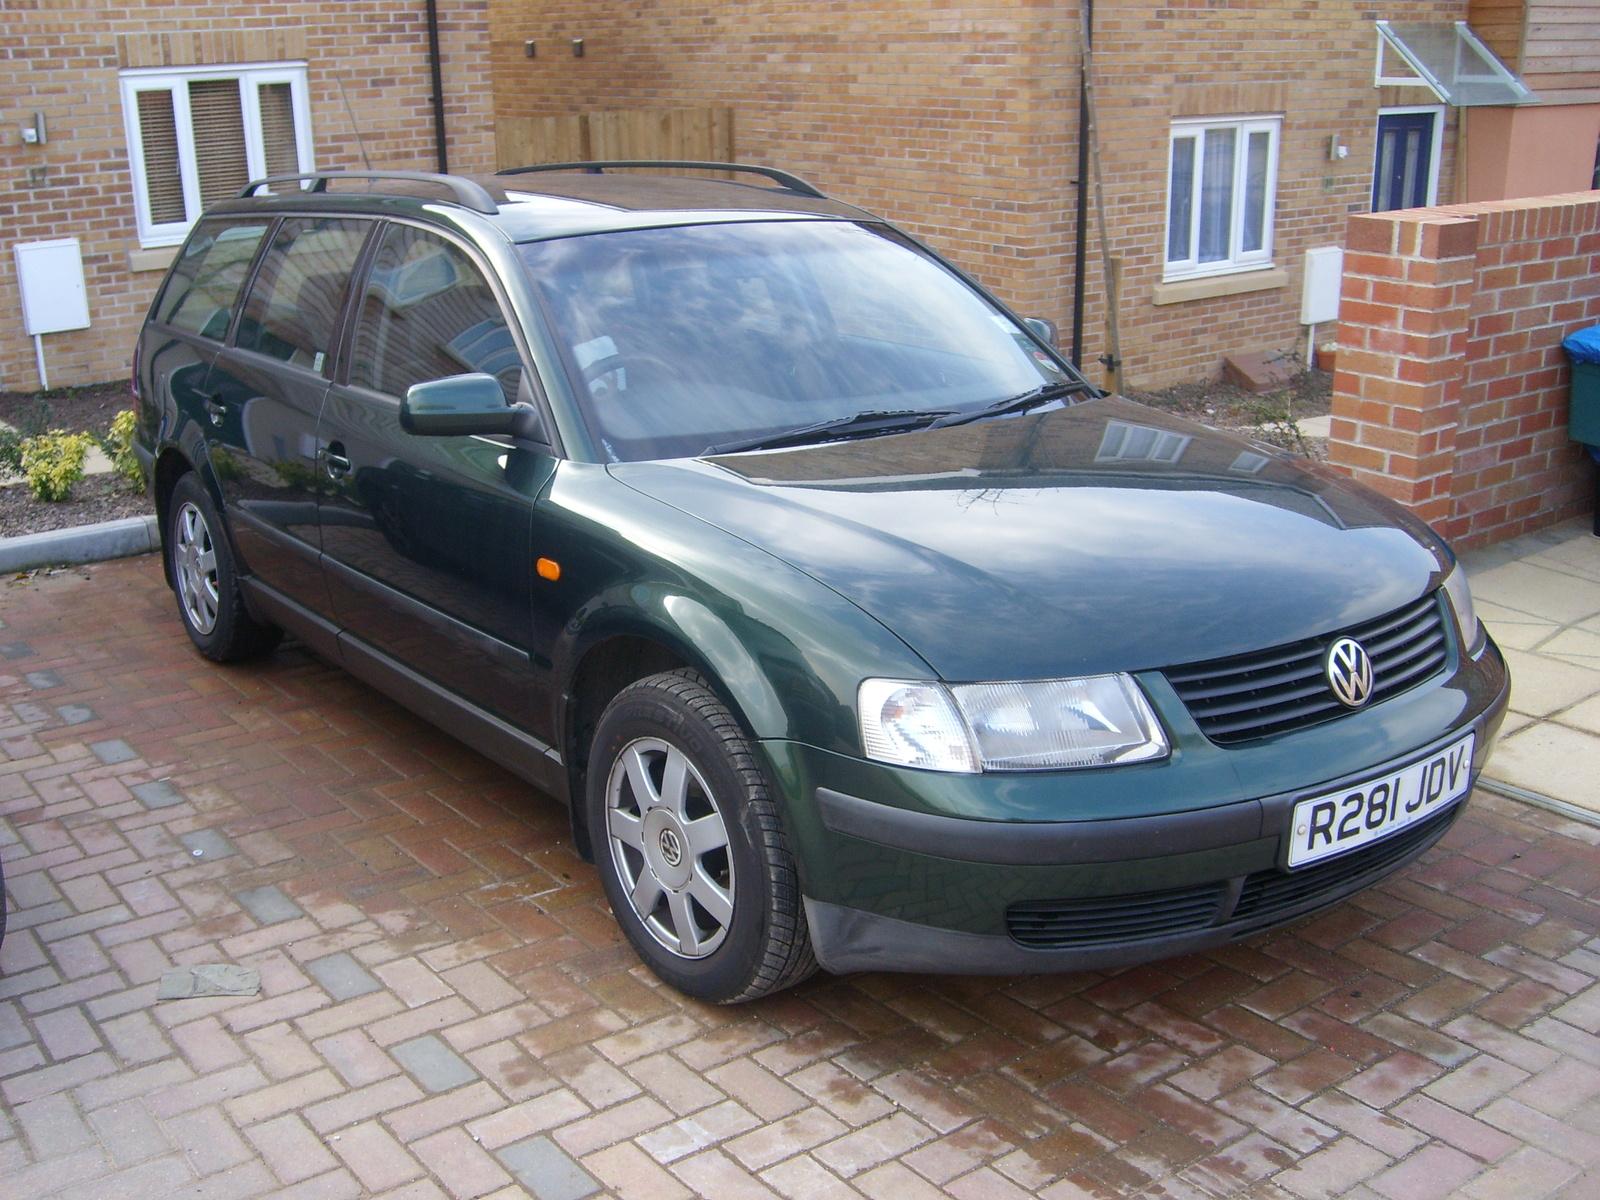 Bfeq Hxll Sy Ql likewise Volkswagen Passat Sedan Glx V Rq Oem besides Passatawd further  as well . on 2001 vw passat wagon glx